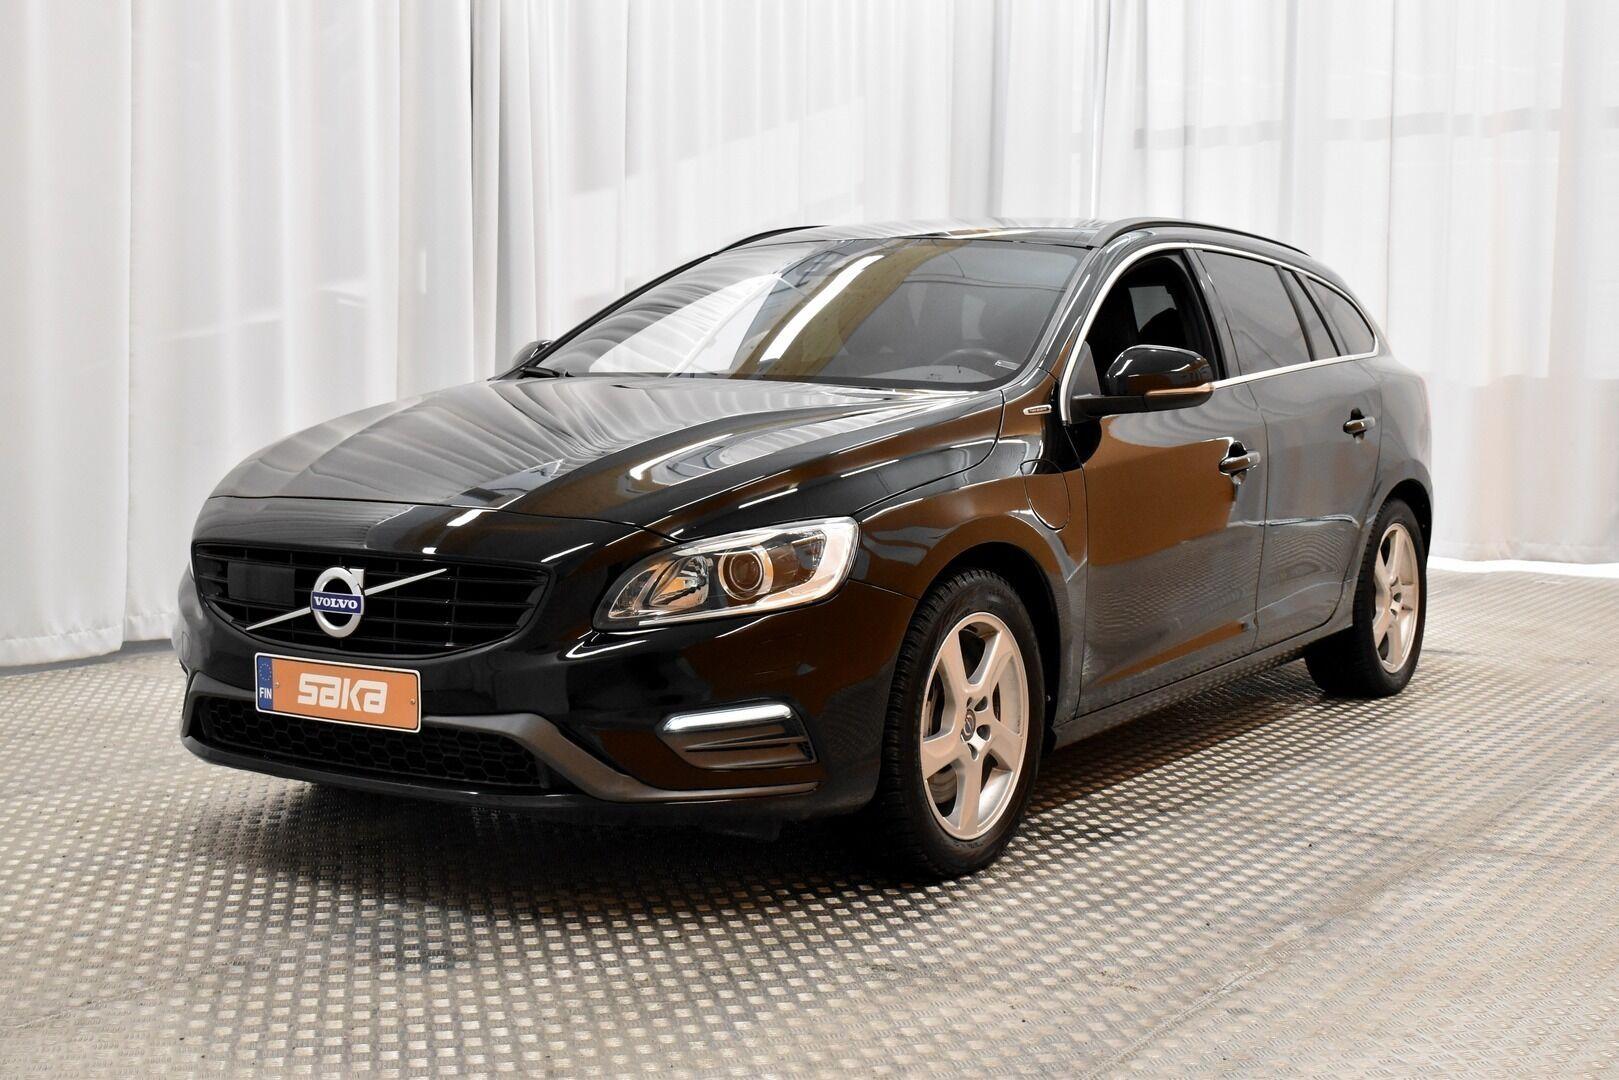 Musta Farmari, Volvo V60 – JÄR-93292, kuva 4